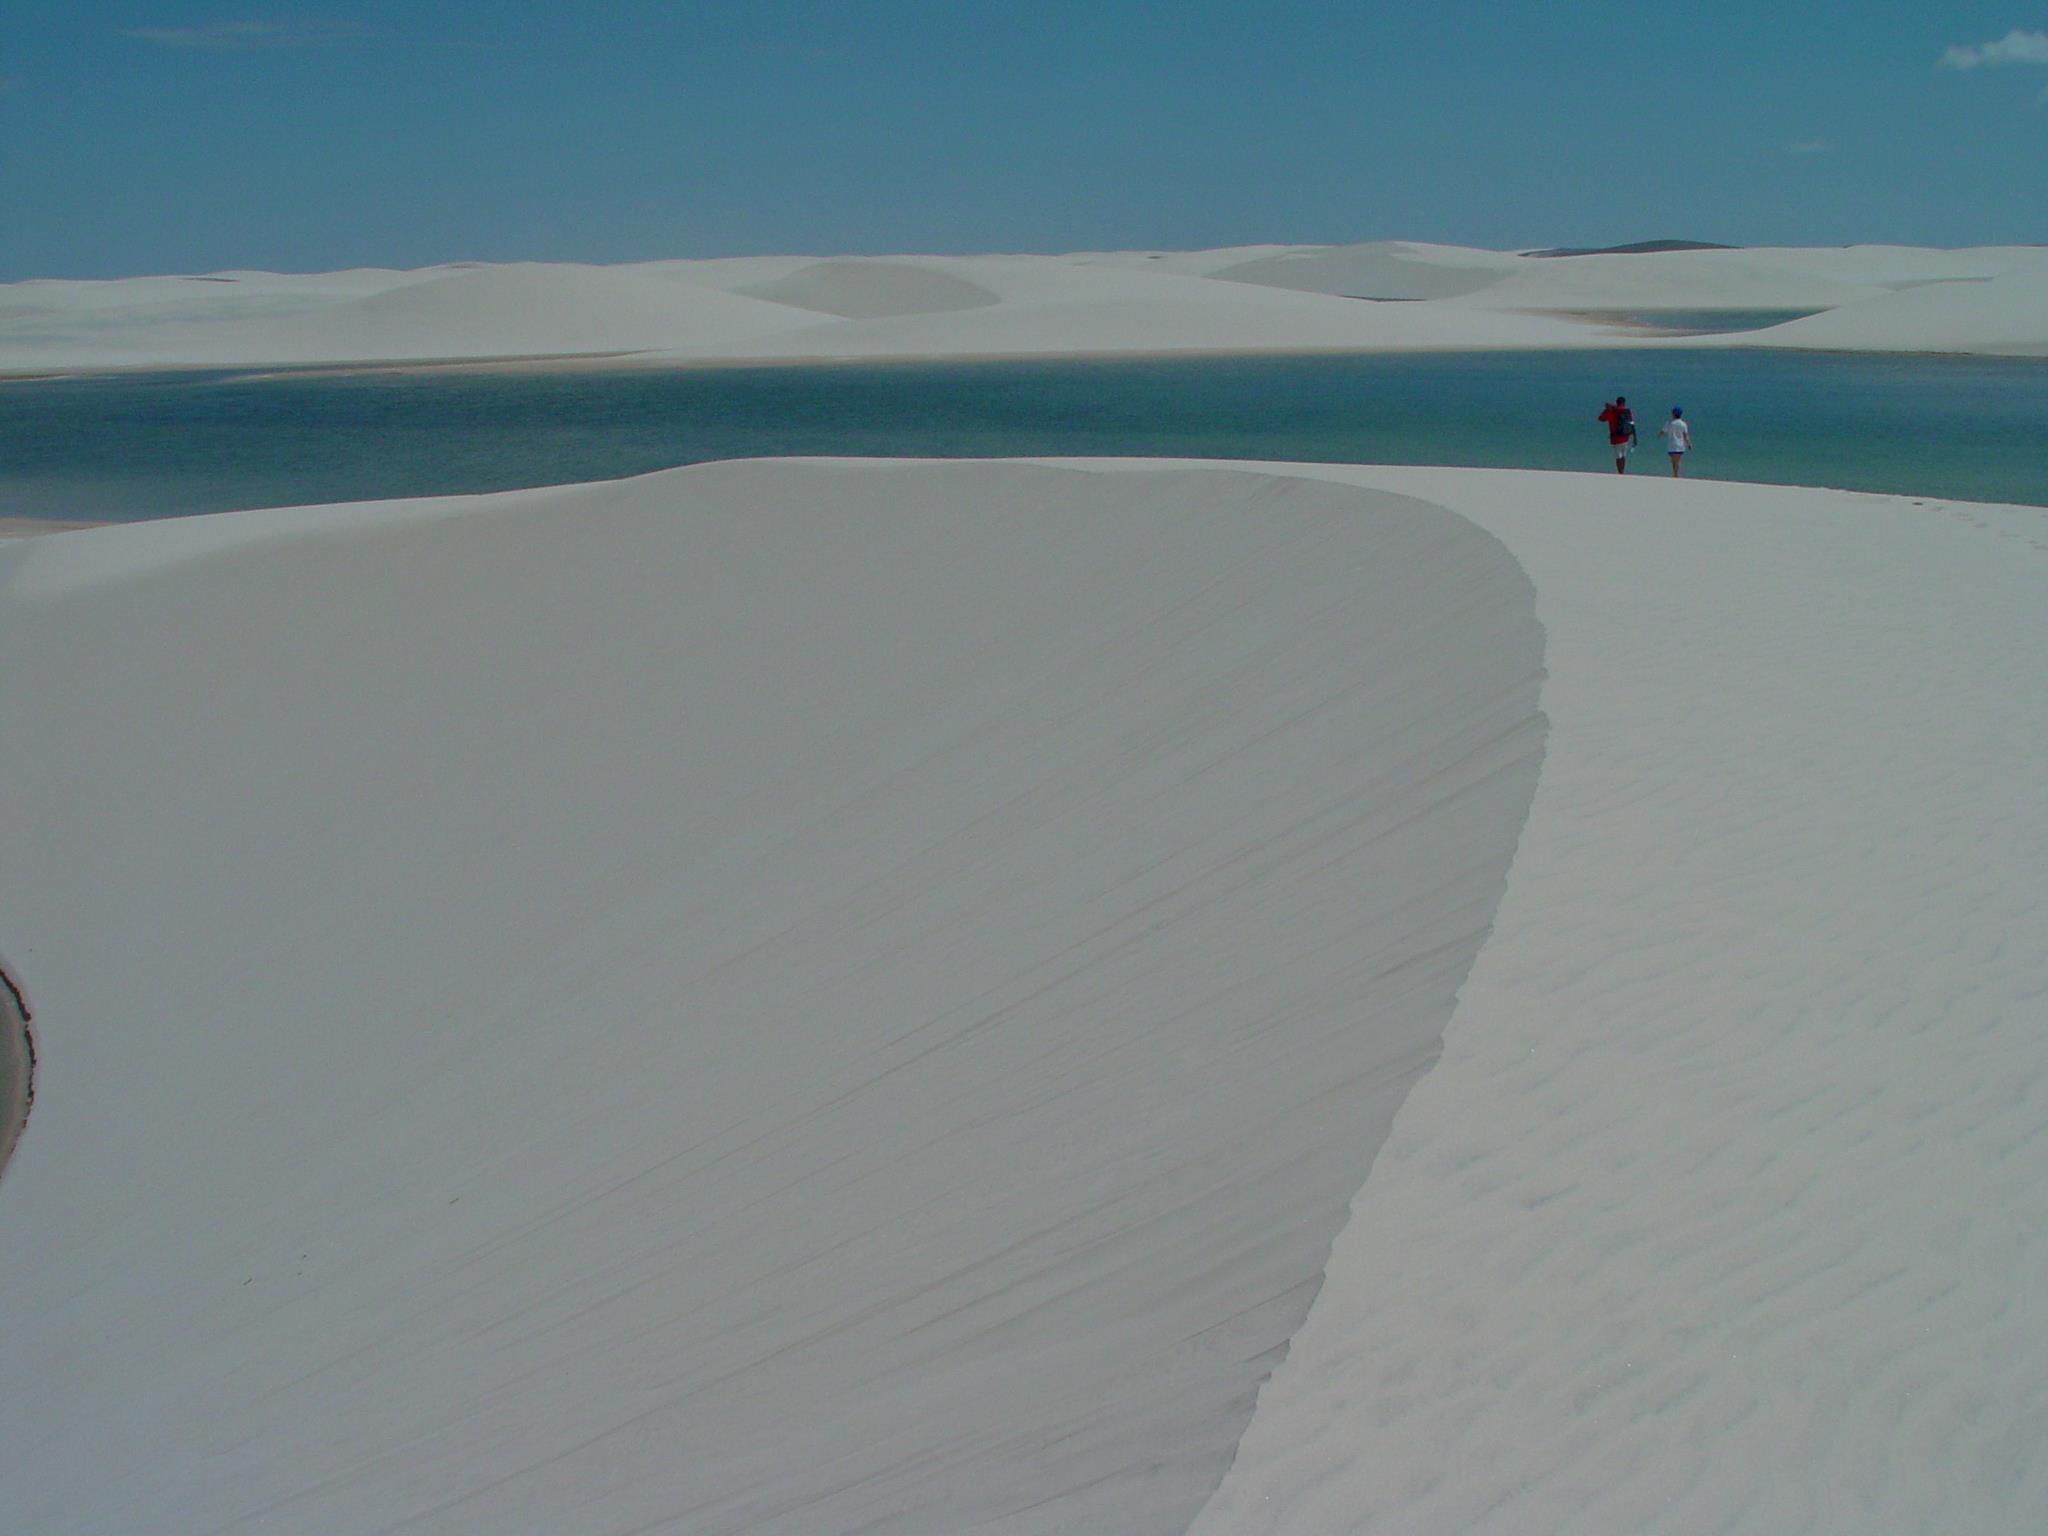 神秘の白い大砂丘と蒼い湖『レンソイス・マラニャンセス国立公園』